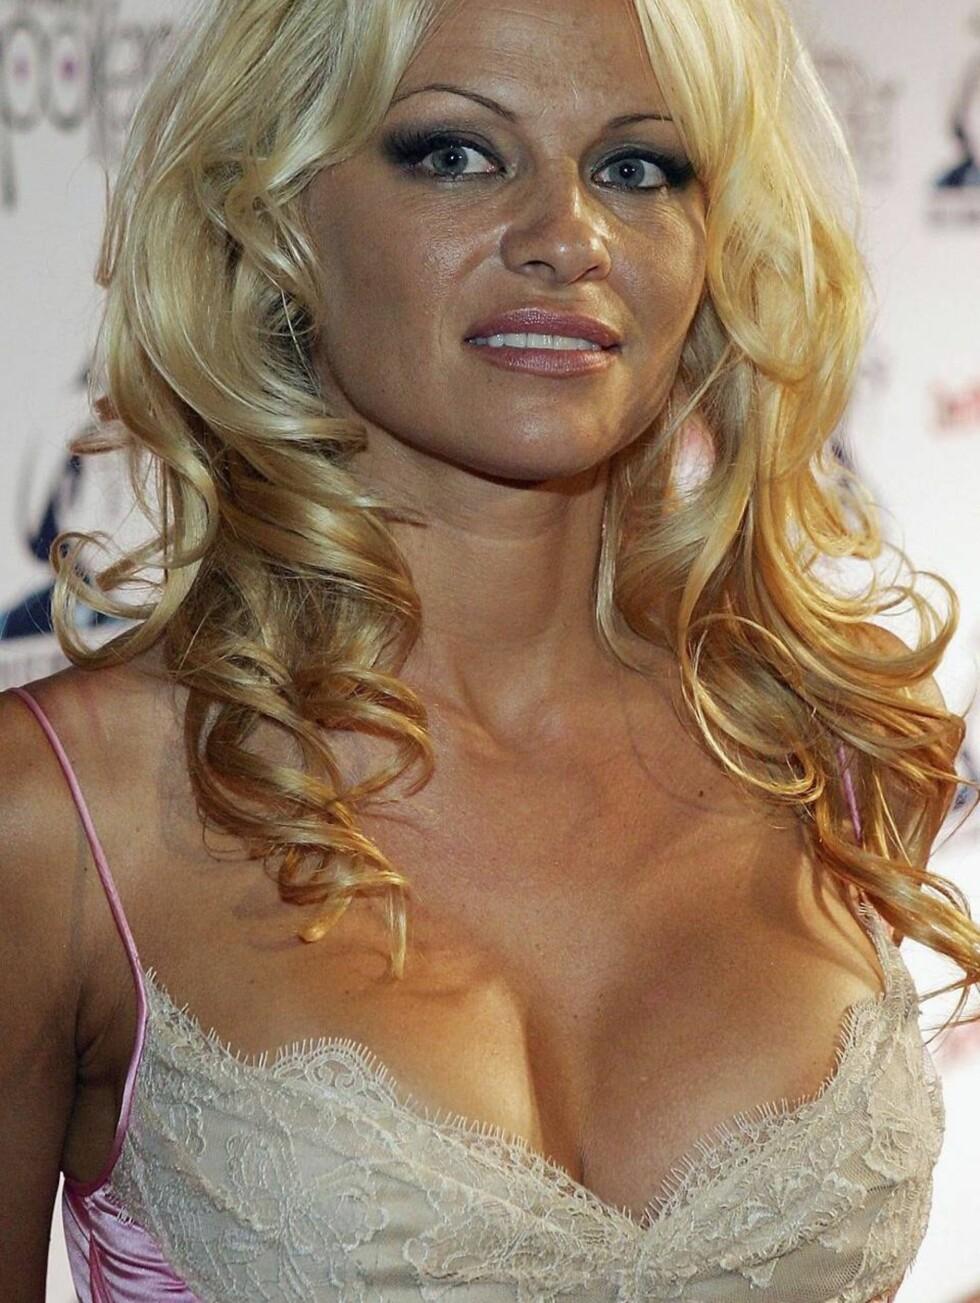 VELDEDIG: Pamela vil bruke brystene til å skape oppmerksomhet rundt sine hjertesaker. Foto: All Over Press